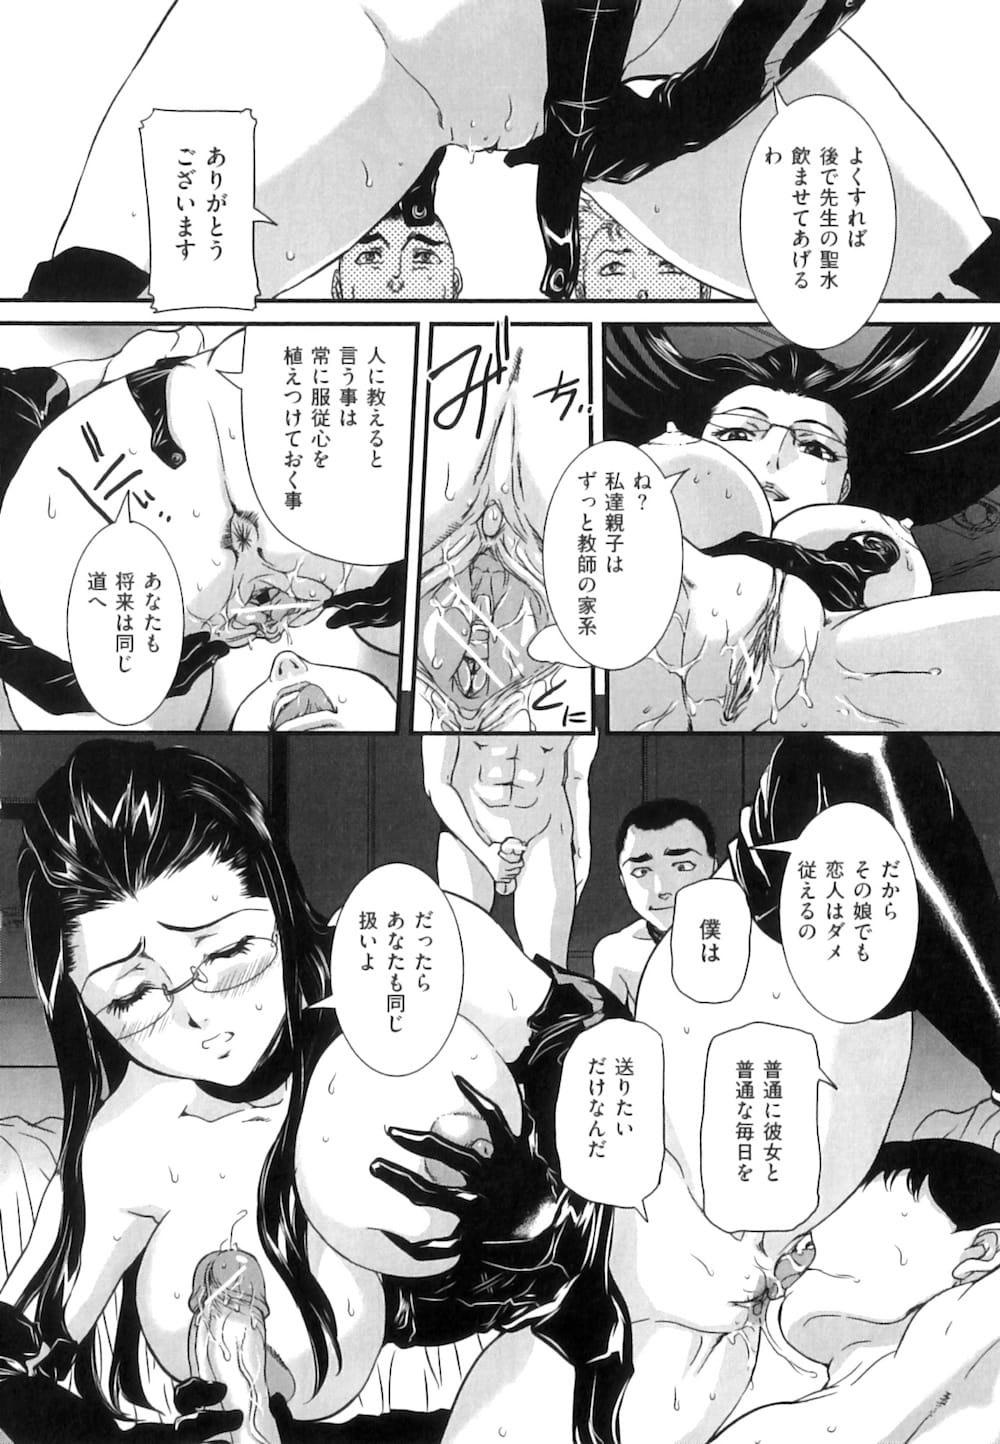 【エロ漫画】教師をしながら学校の生徒を従えている母親に彼女がいることがバレて彼女は輪姦され、自分は母とセックスさせられる! 014